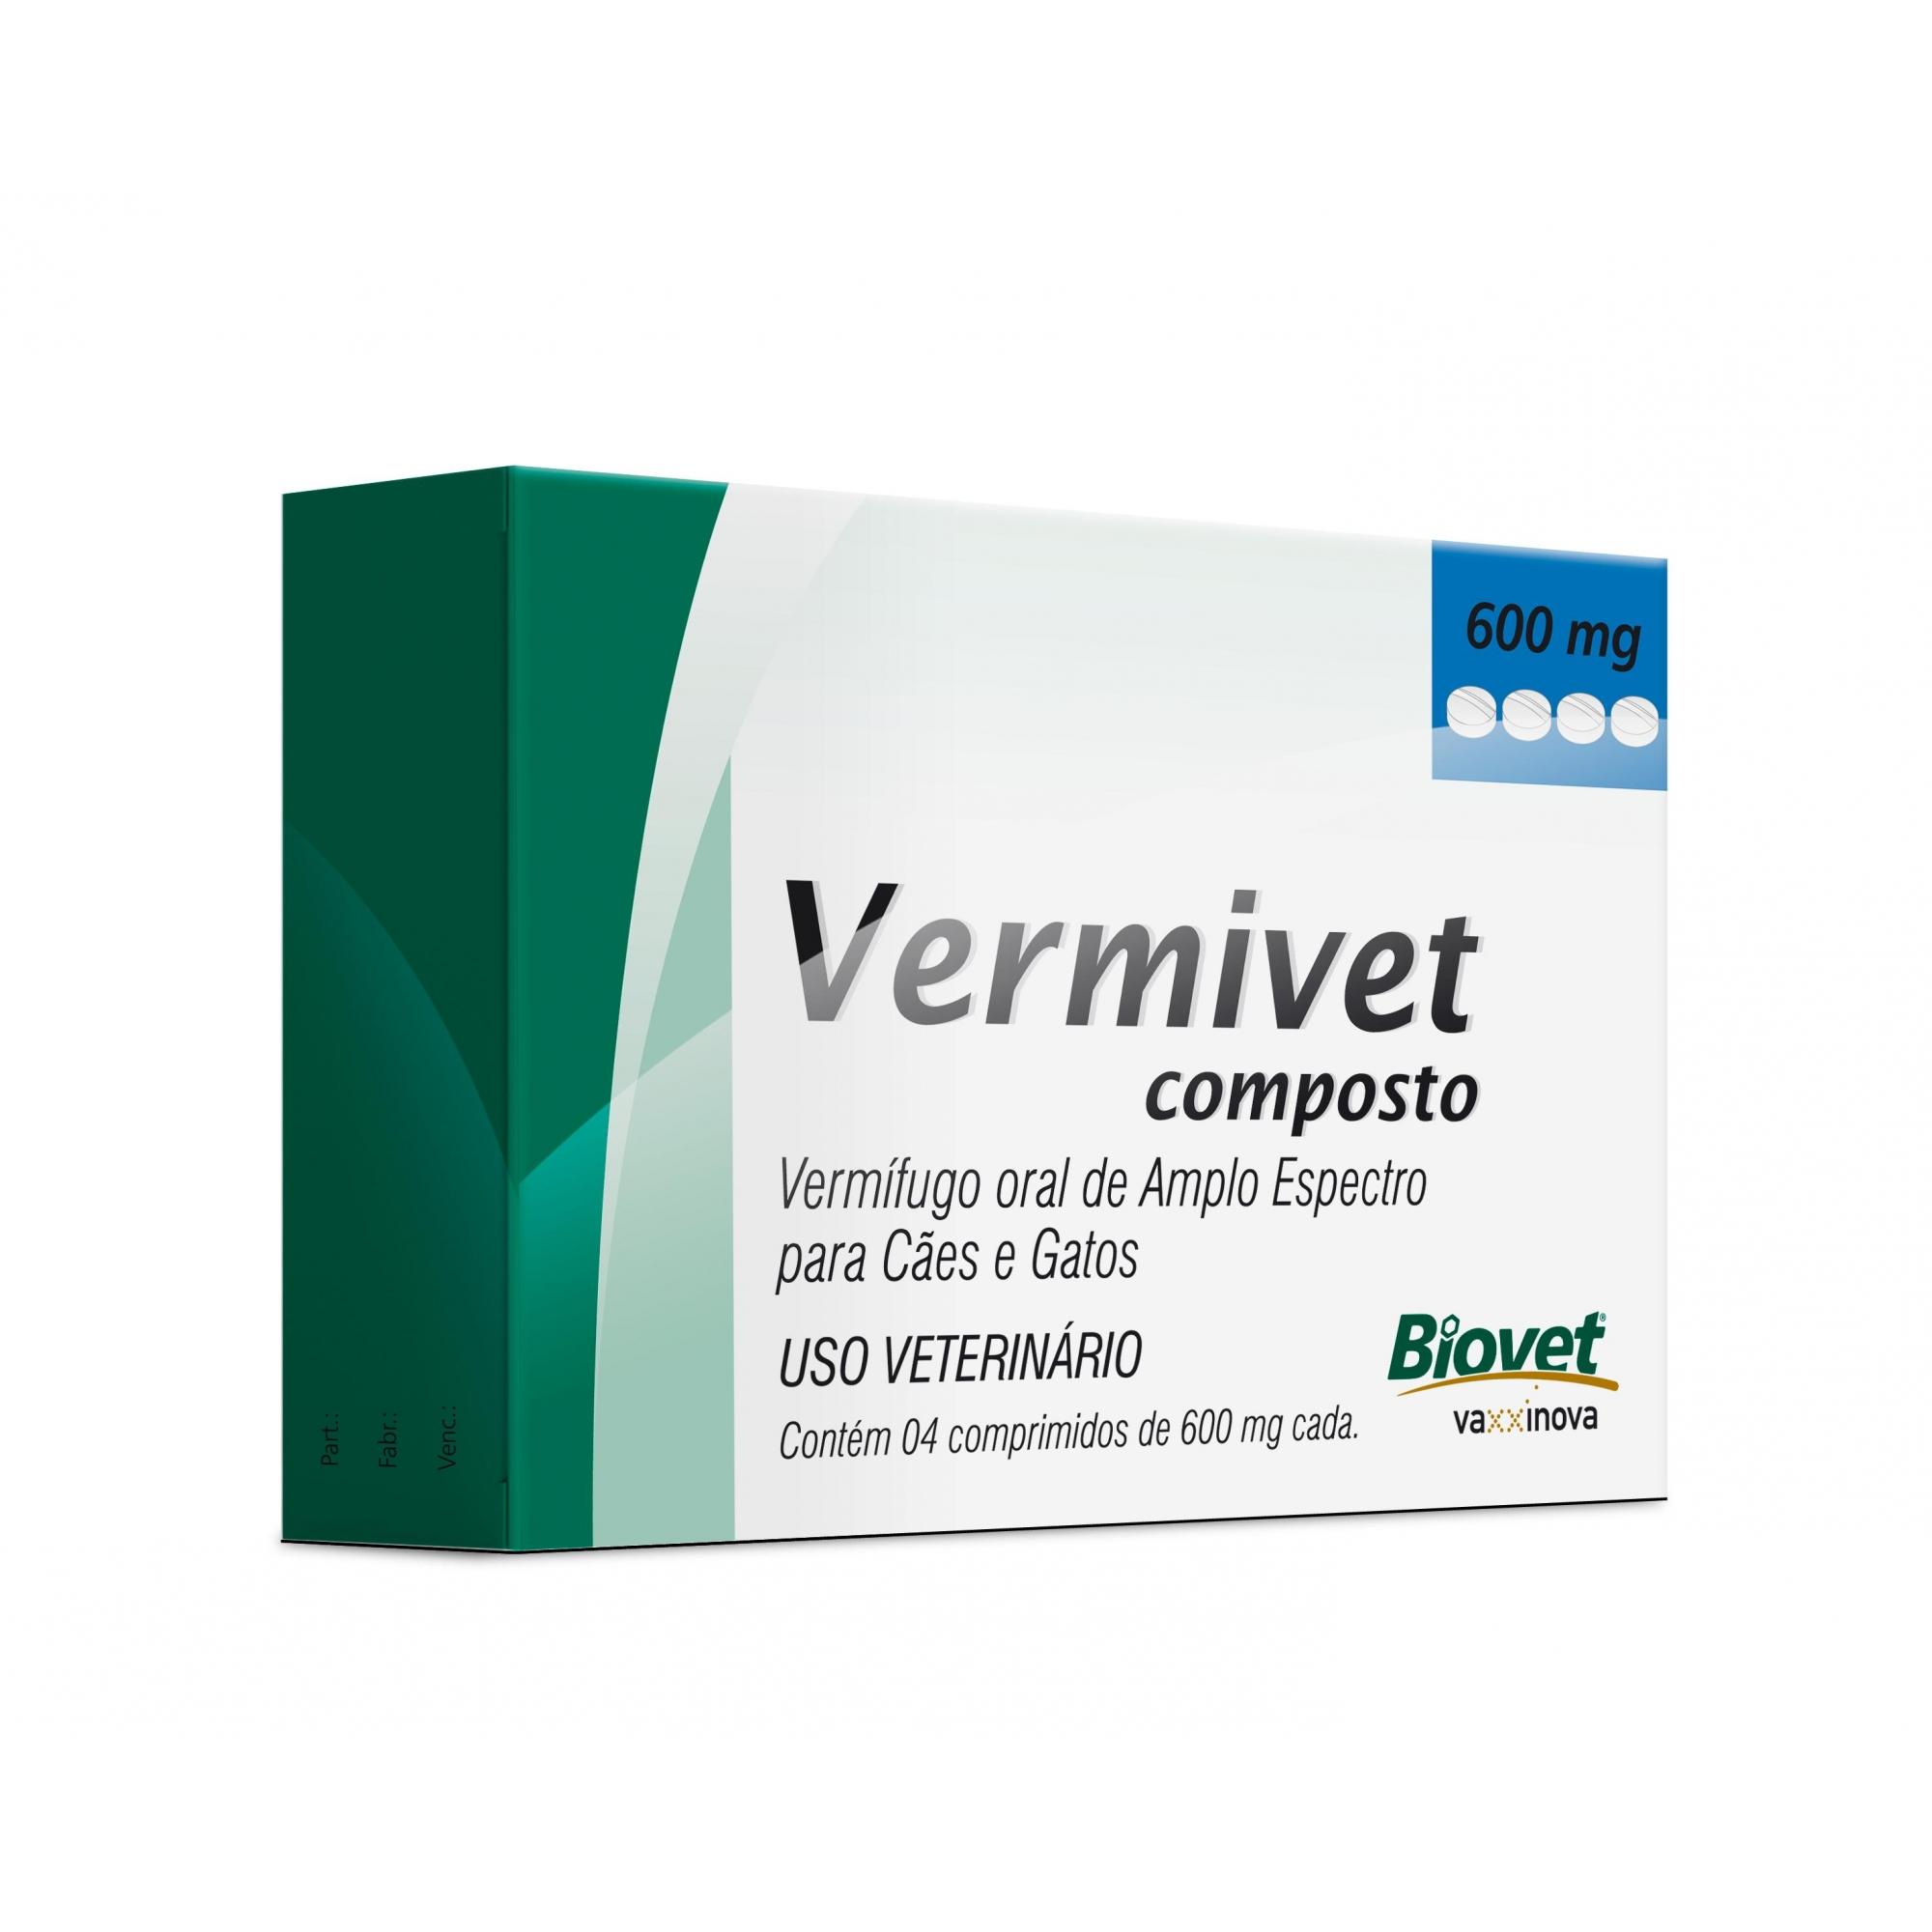 Biovet Vermivet Composto 600mg - 4 Comprimidos